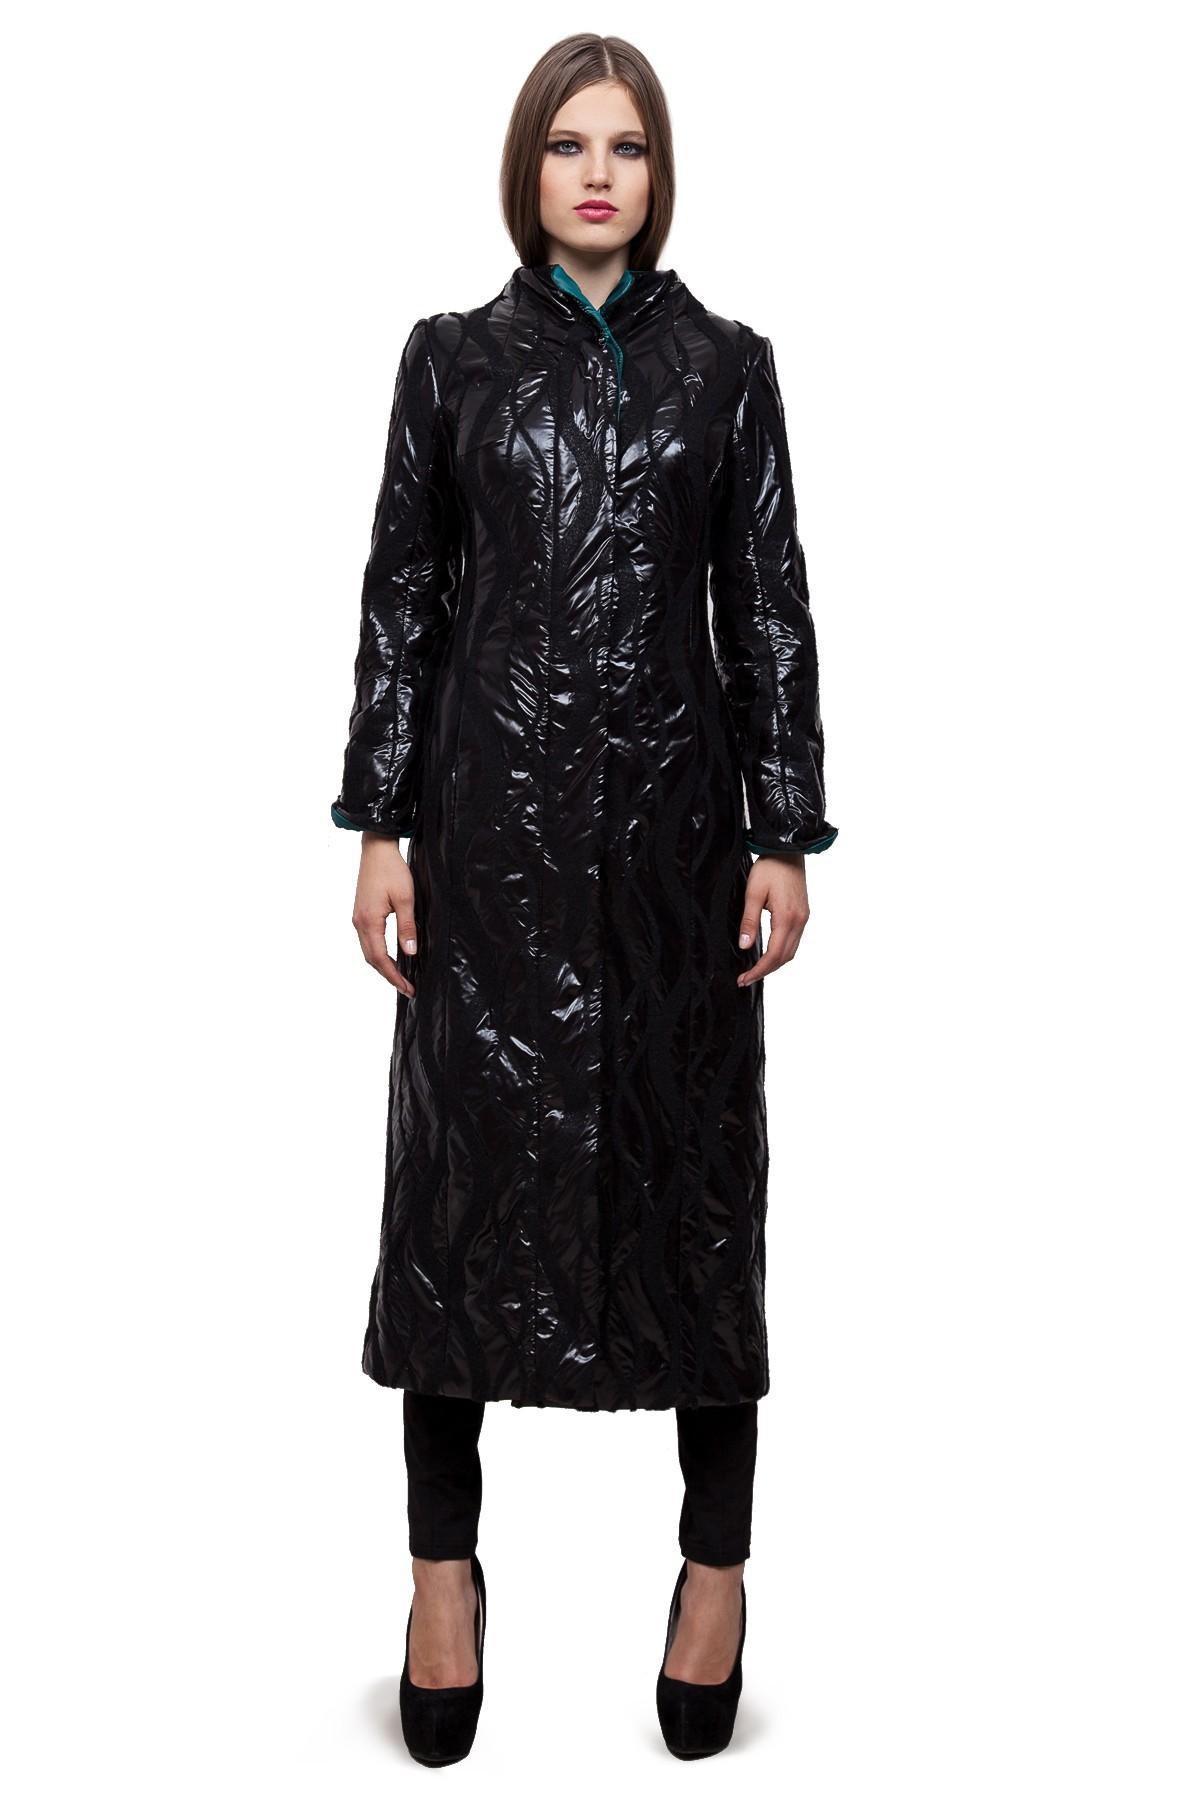 ПальтоЖенские куртки, плащи, пальто<br>Восхитительный вариант для тех, кто предпочитает стильные решения - элегантное пальто сдержанного модного дизайна из итальянской ткани, который подчеркнет Ваш безупречный вкус. Прекрасный вариант для создания элегантного образа.<br><br>Цвет: черный<br>Состав: 54%шерсть, 30%полиэстер, 21%полиамид, 5%полиуретан,подкладка -54%полиэстер, 46%вискоза<br>Размер: 42,46,48,52,54,56<br>Страна дизайна: Россия<br>Страна производства: Россия